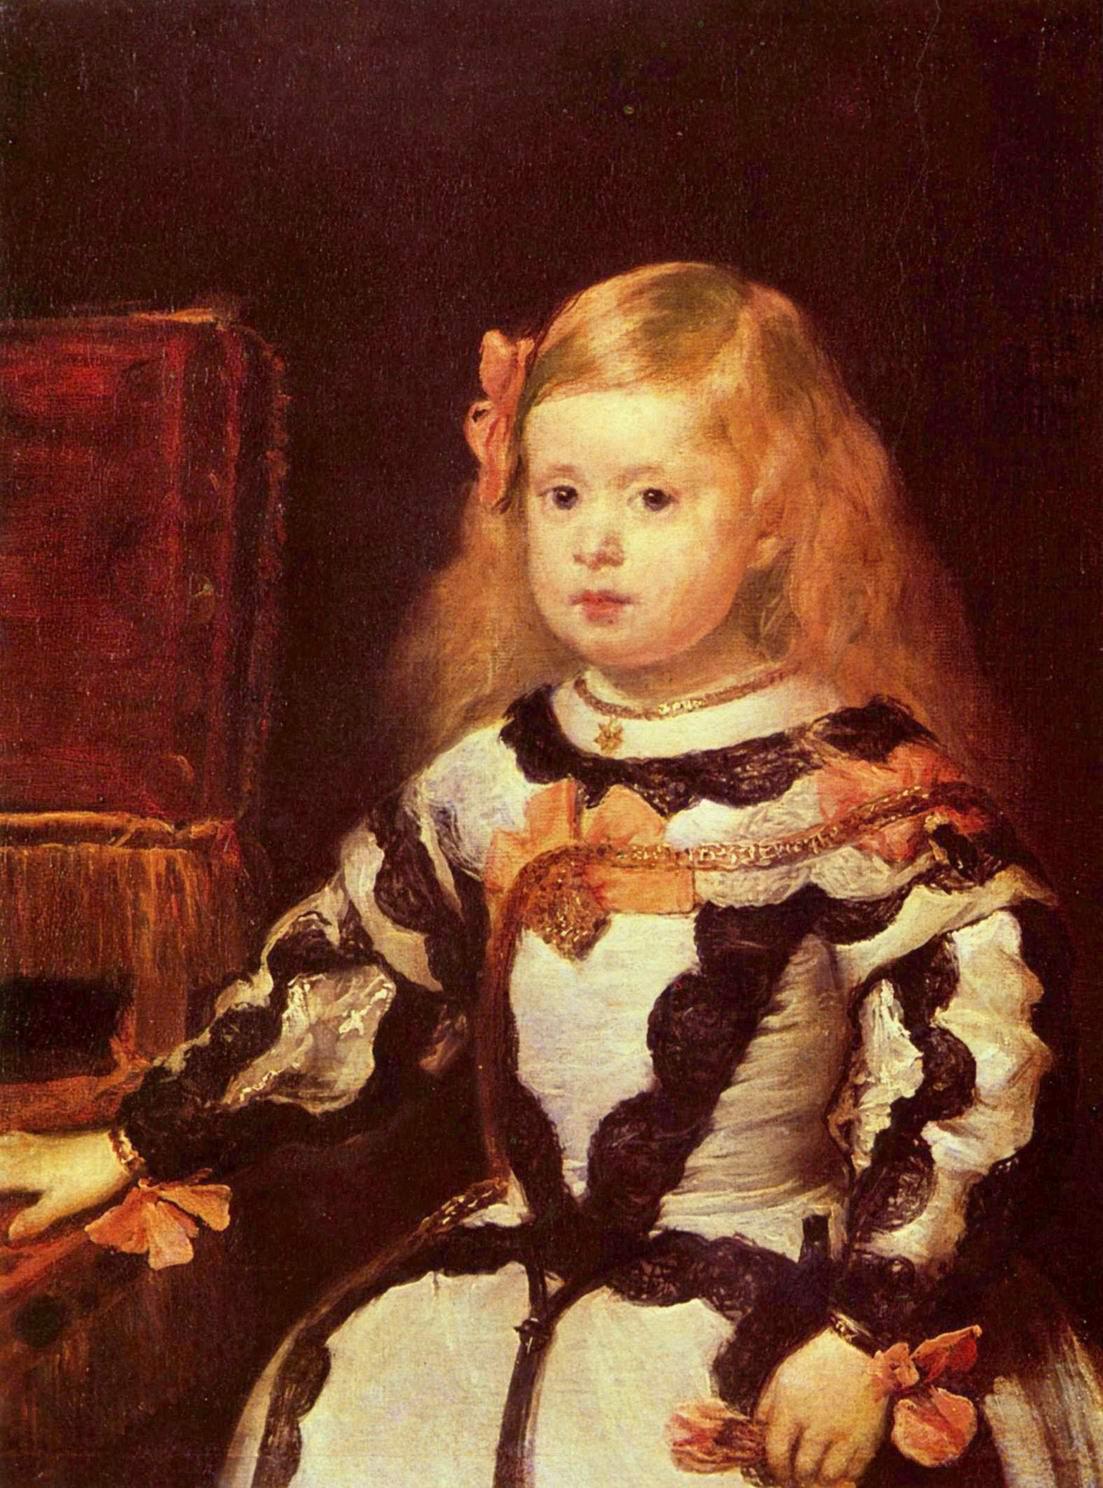 Портрет инфанты Маргариты, дочери Филиппа IV, Диего Веласкес